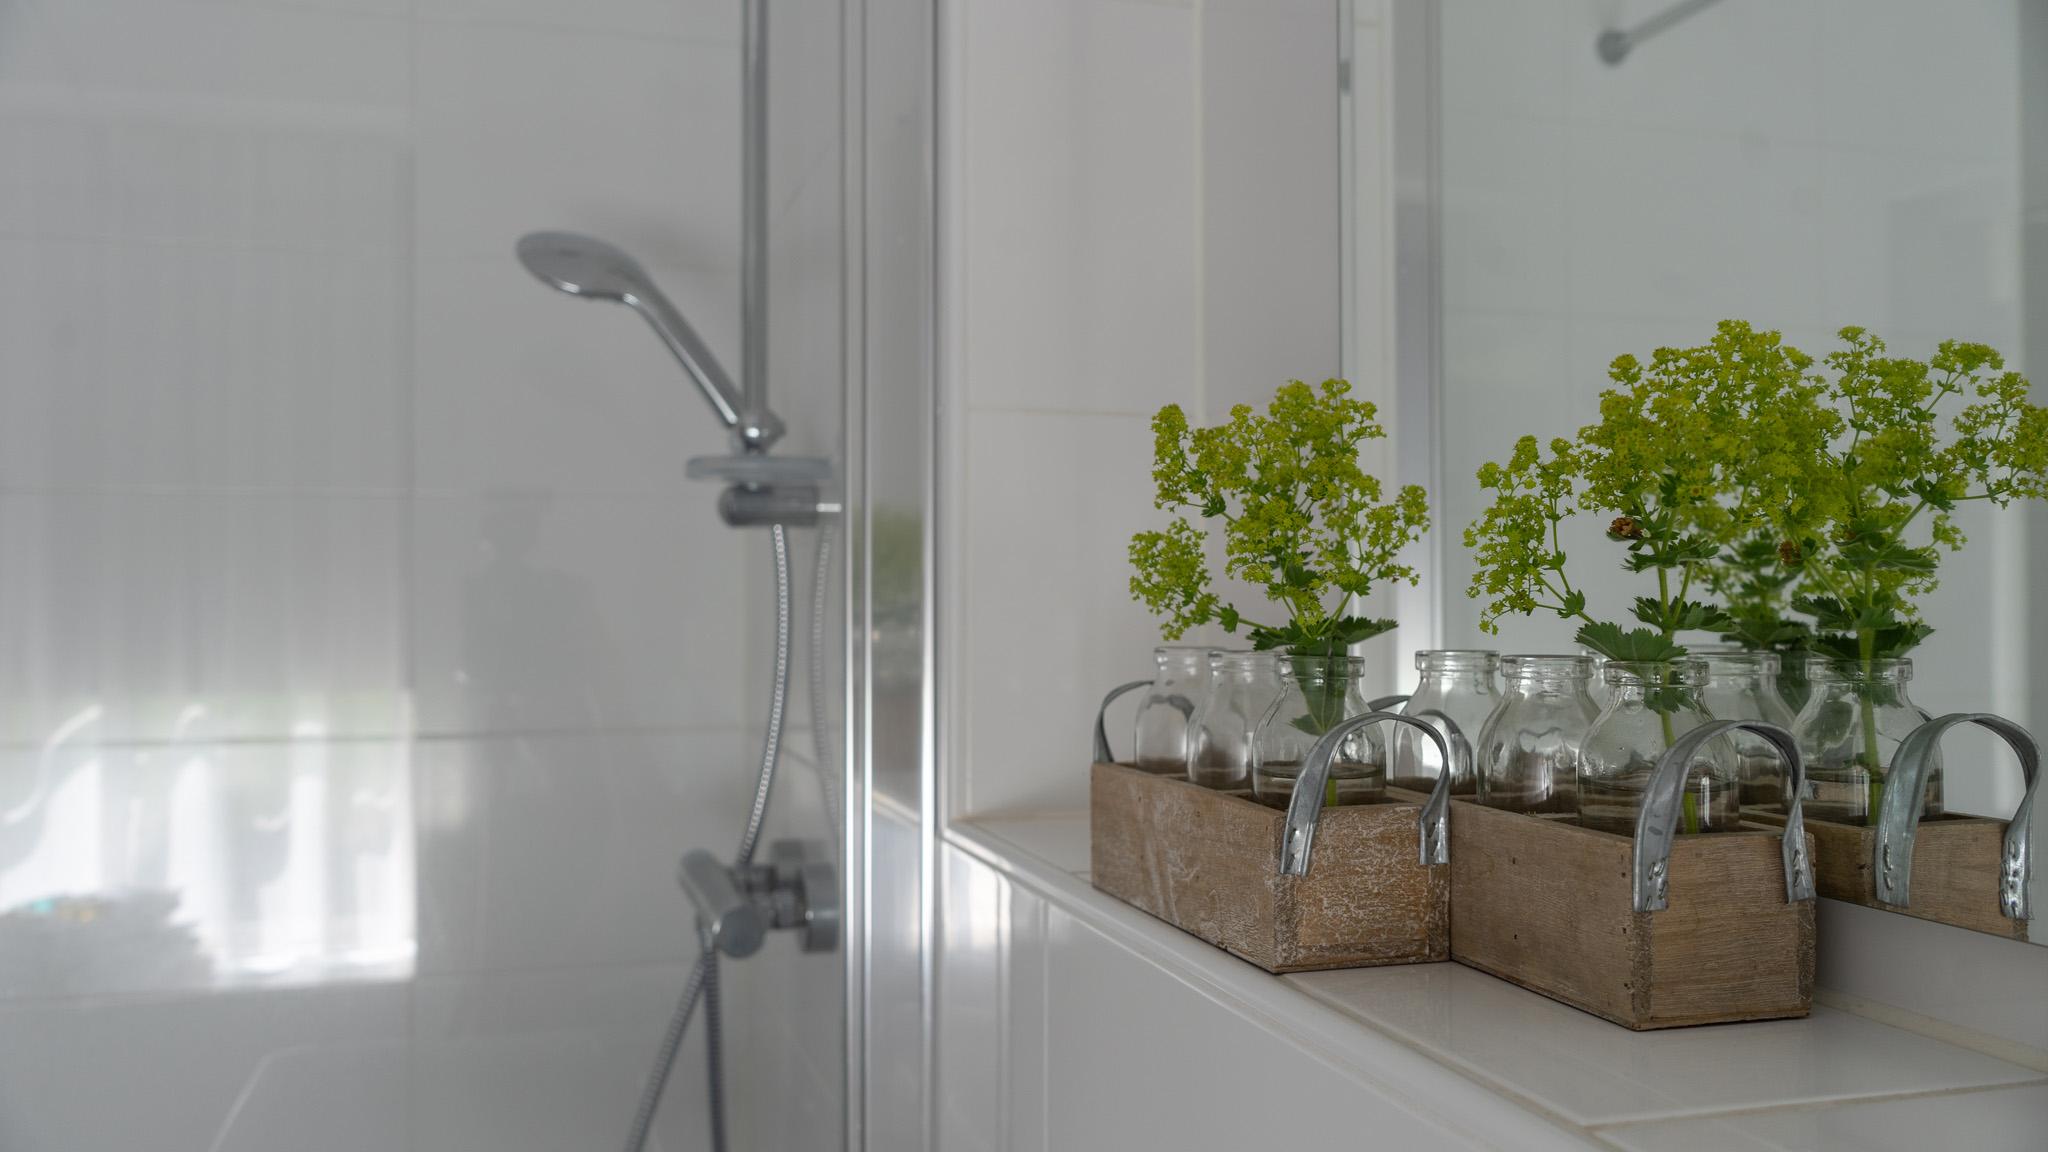 badkamer Groepsaccommodatie drenthe Orvelter hof 7